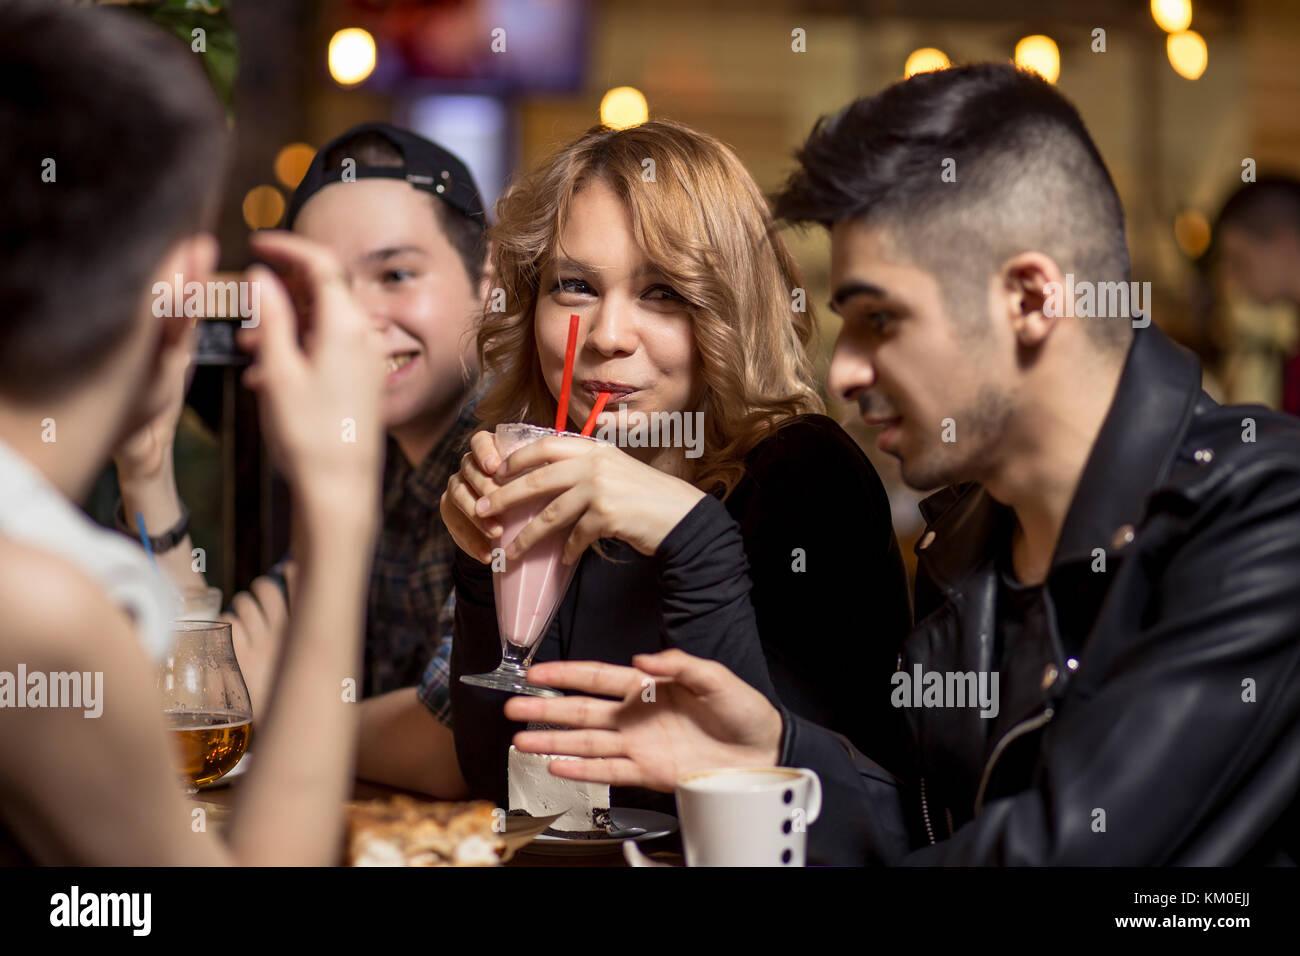 Giovane donna frullato di bere mentre si siede con gli amici presso il cafe Immagini Stock